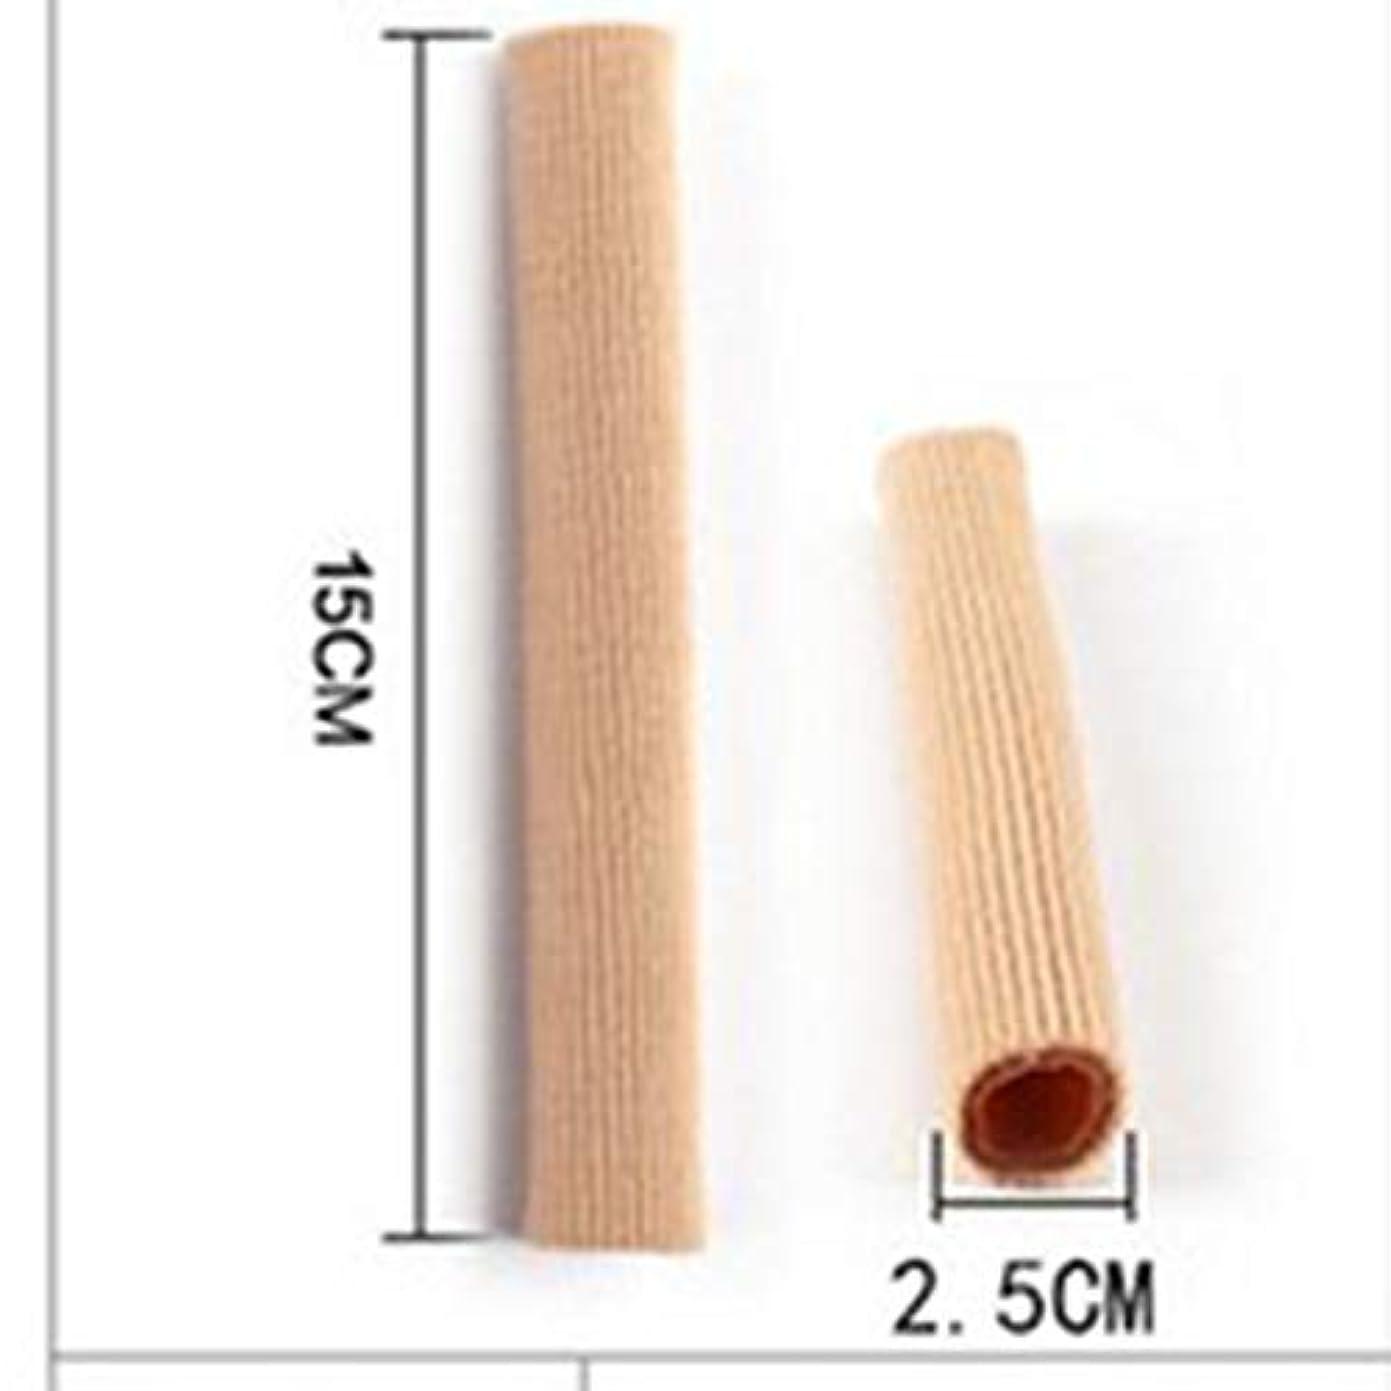 船乗り万一に備えてそうでなければOpen Toe Tubes Gel Lined Fabric Sleeve Protectors To Prevent Corns, Calluses And Blisters While Softening And...